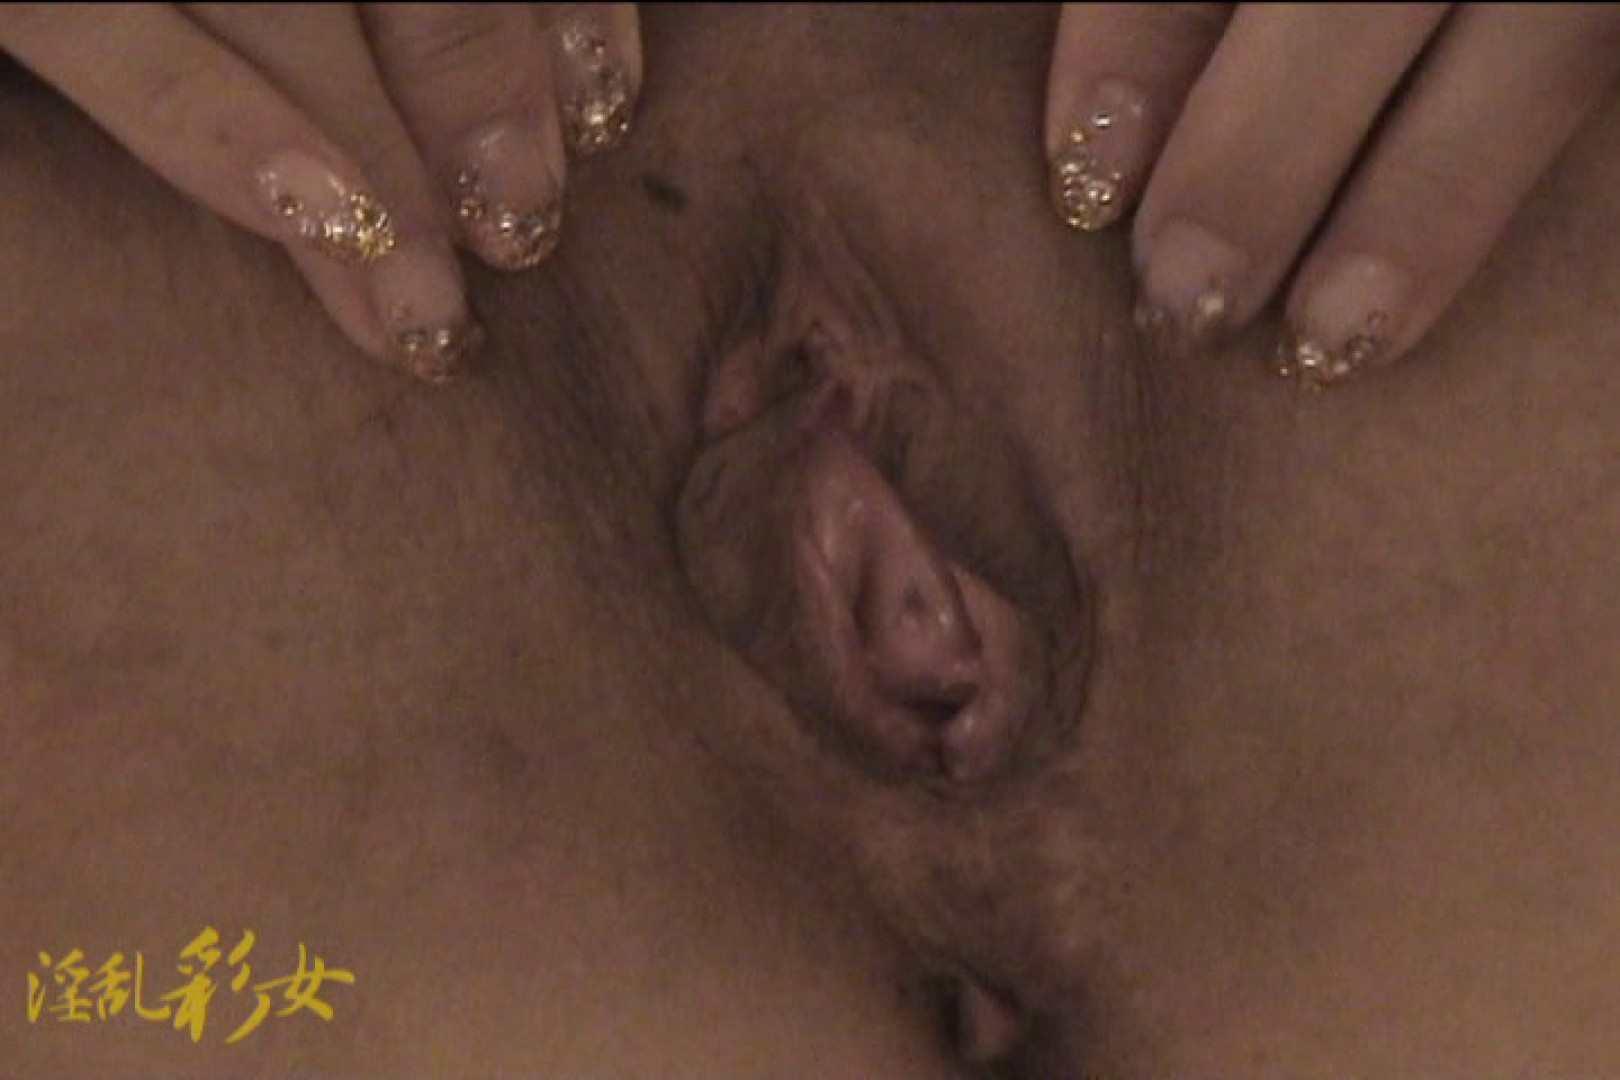 淫乱彩女 麻優里 オムニバスそして顔射 淫乱  36連発 12